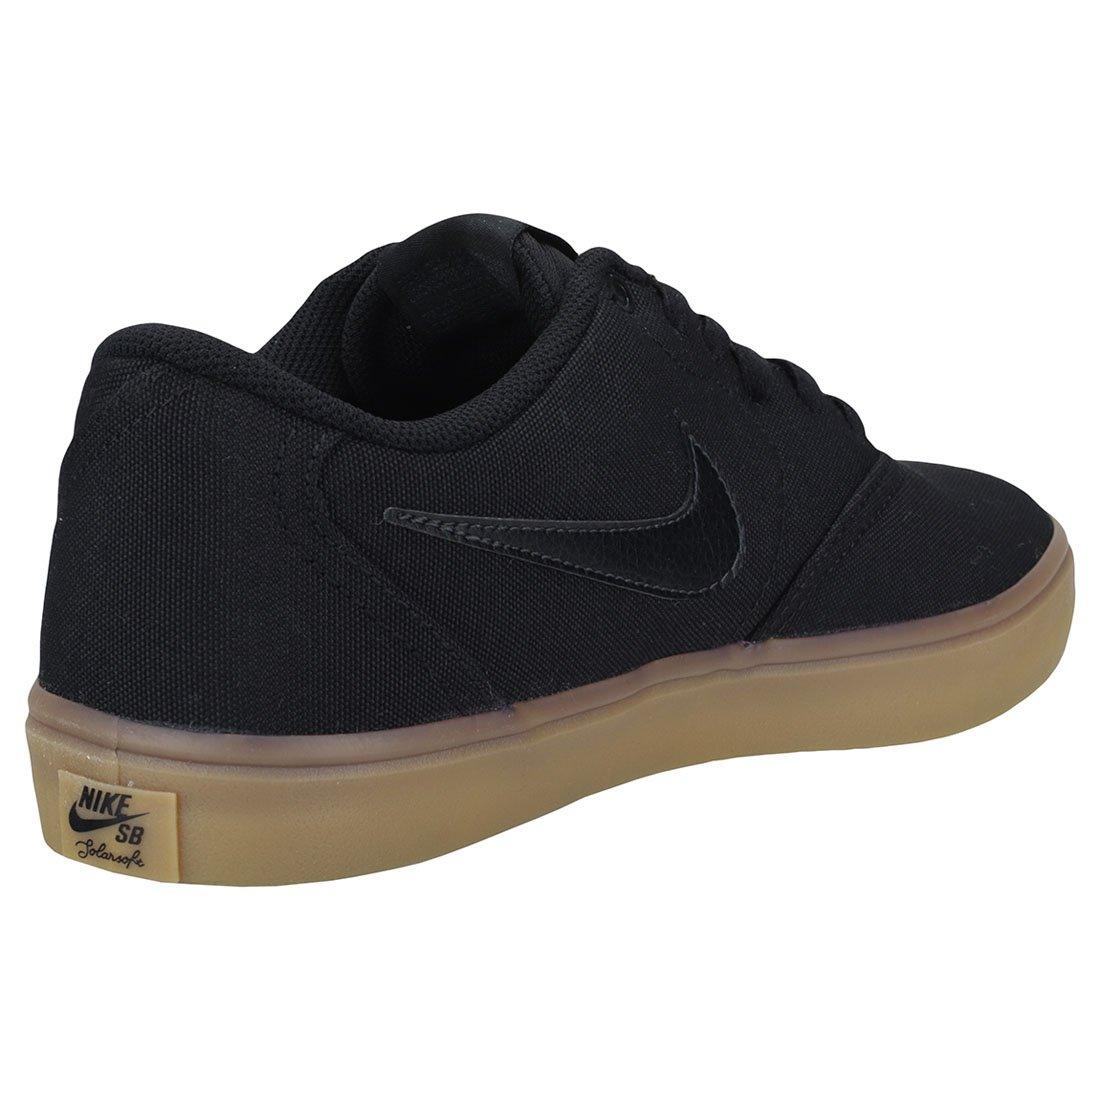 Melancolía mi Sociedad  Buy Nike Men's Sb Check Soalr Canvas Black-Gum Light Brown Sneakers-7 UK  (41 EU) (8 US) (843896 009) at Amazon.in